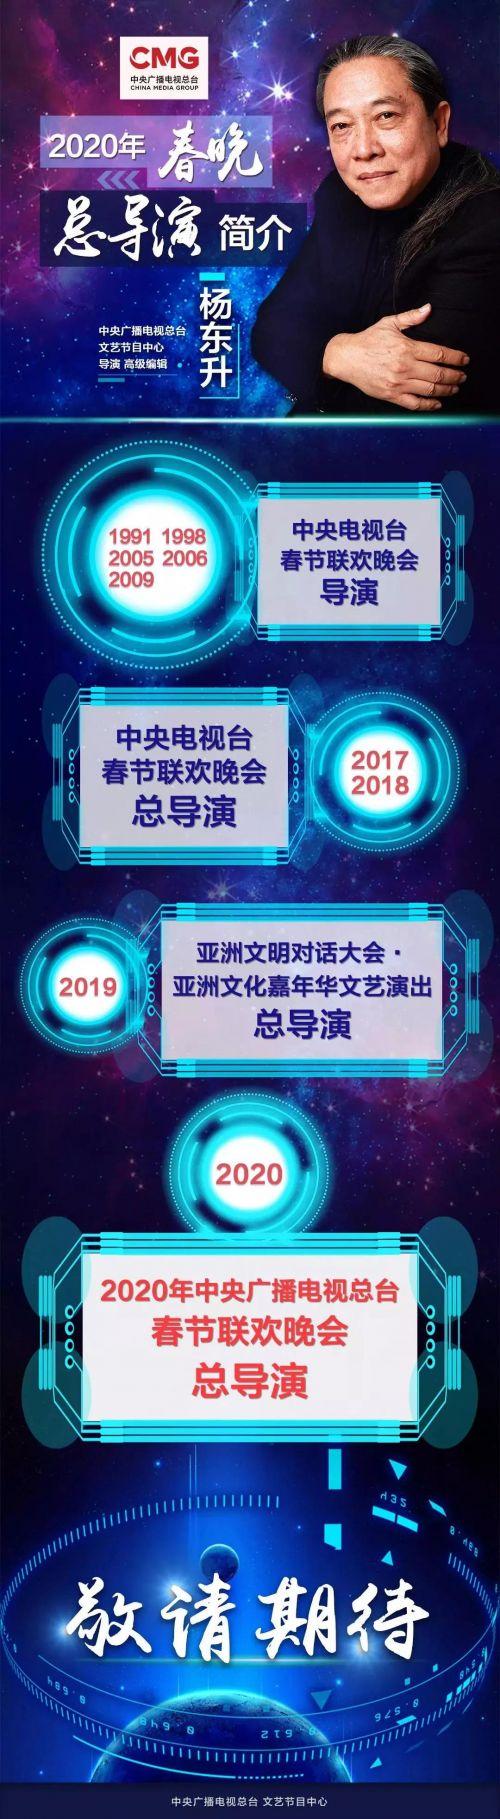 官宣!《2020年春节联欢晚会》总导演是他!